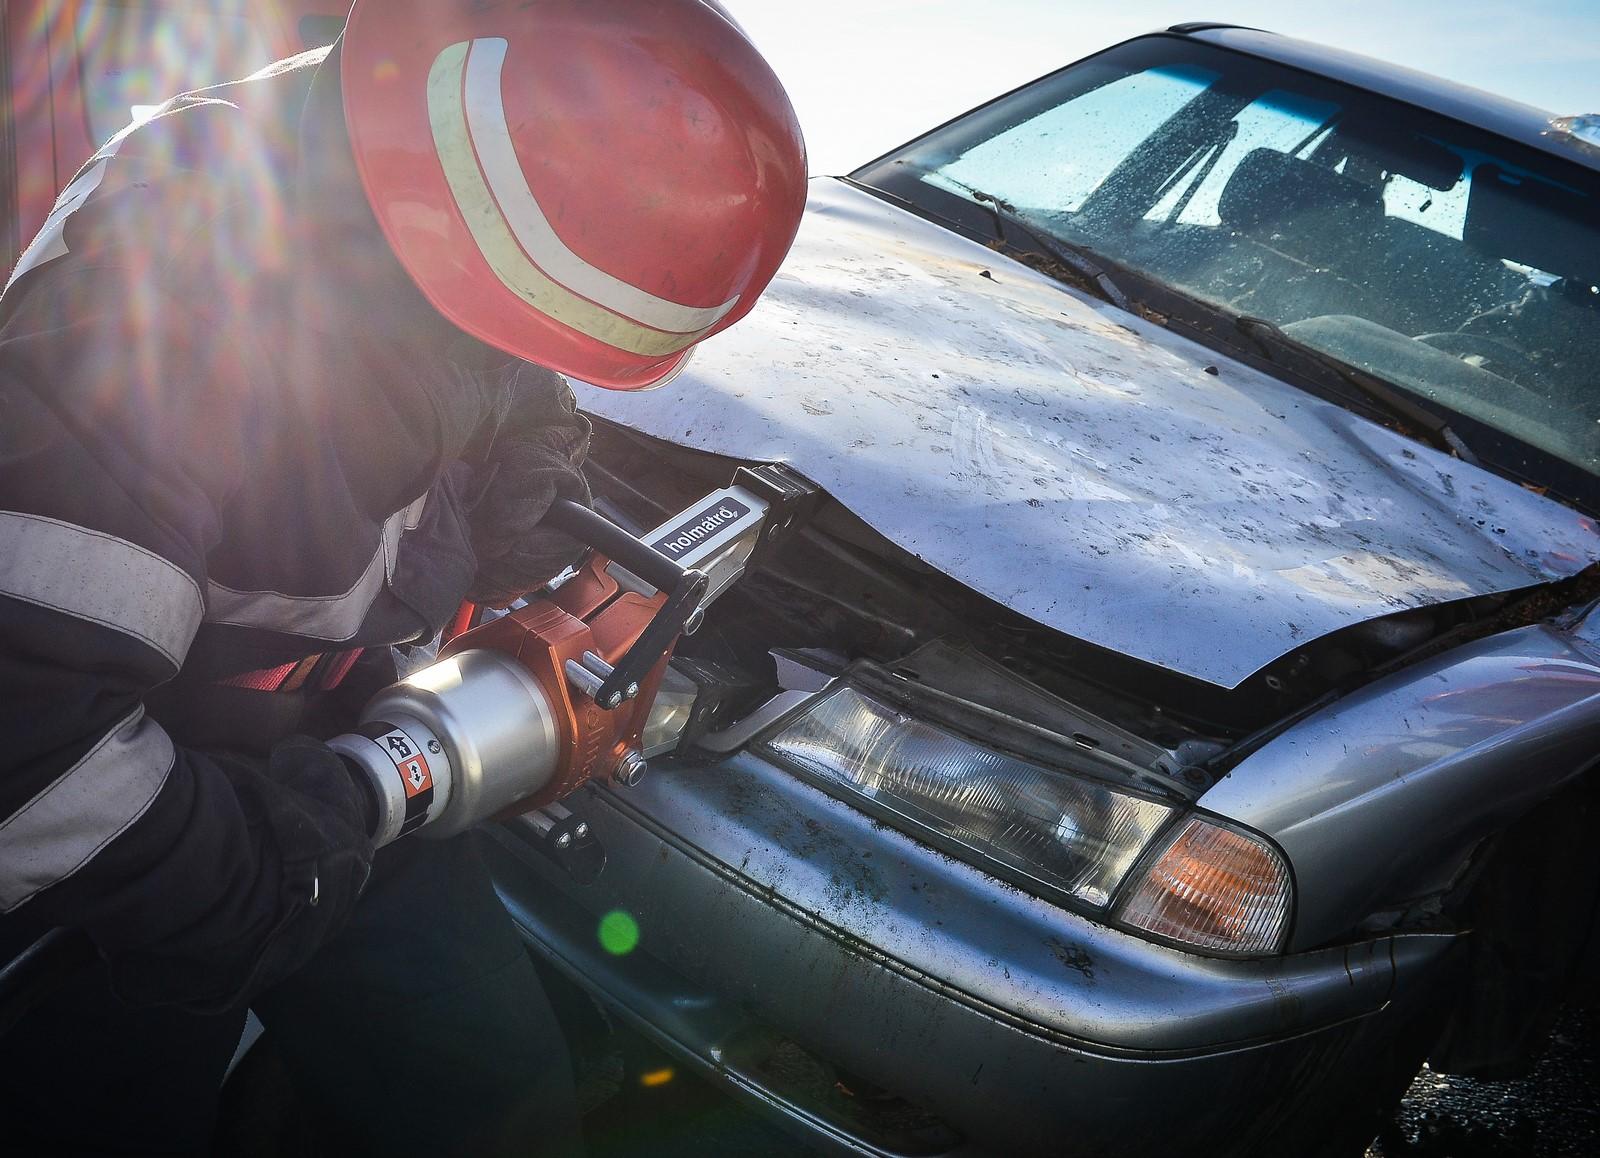 Un șofer de 20 de ani s-a oprit cu mașina într-un pom. A fost scos cu descarcerarea